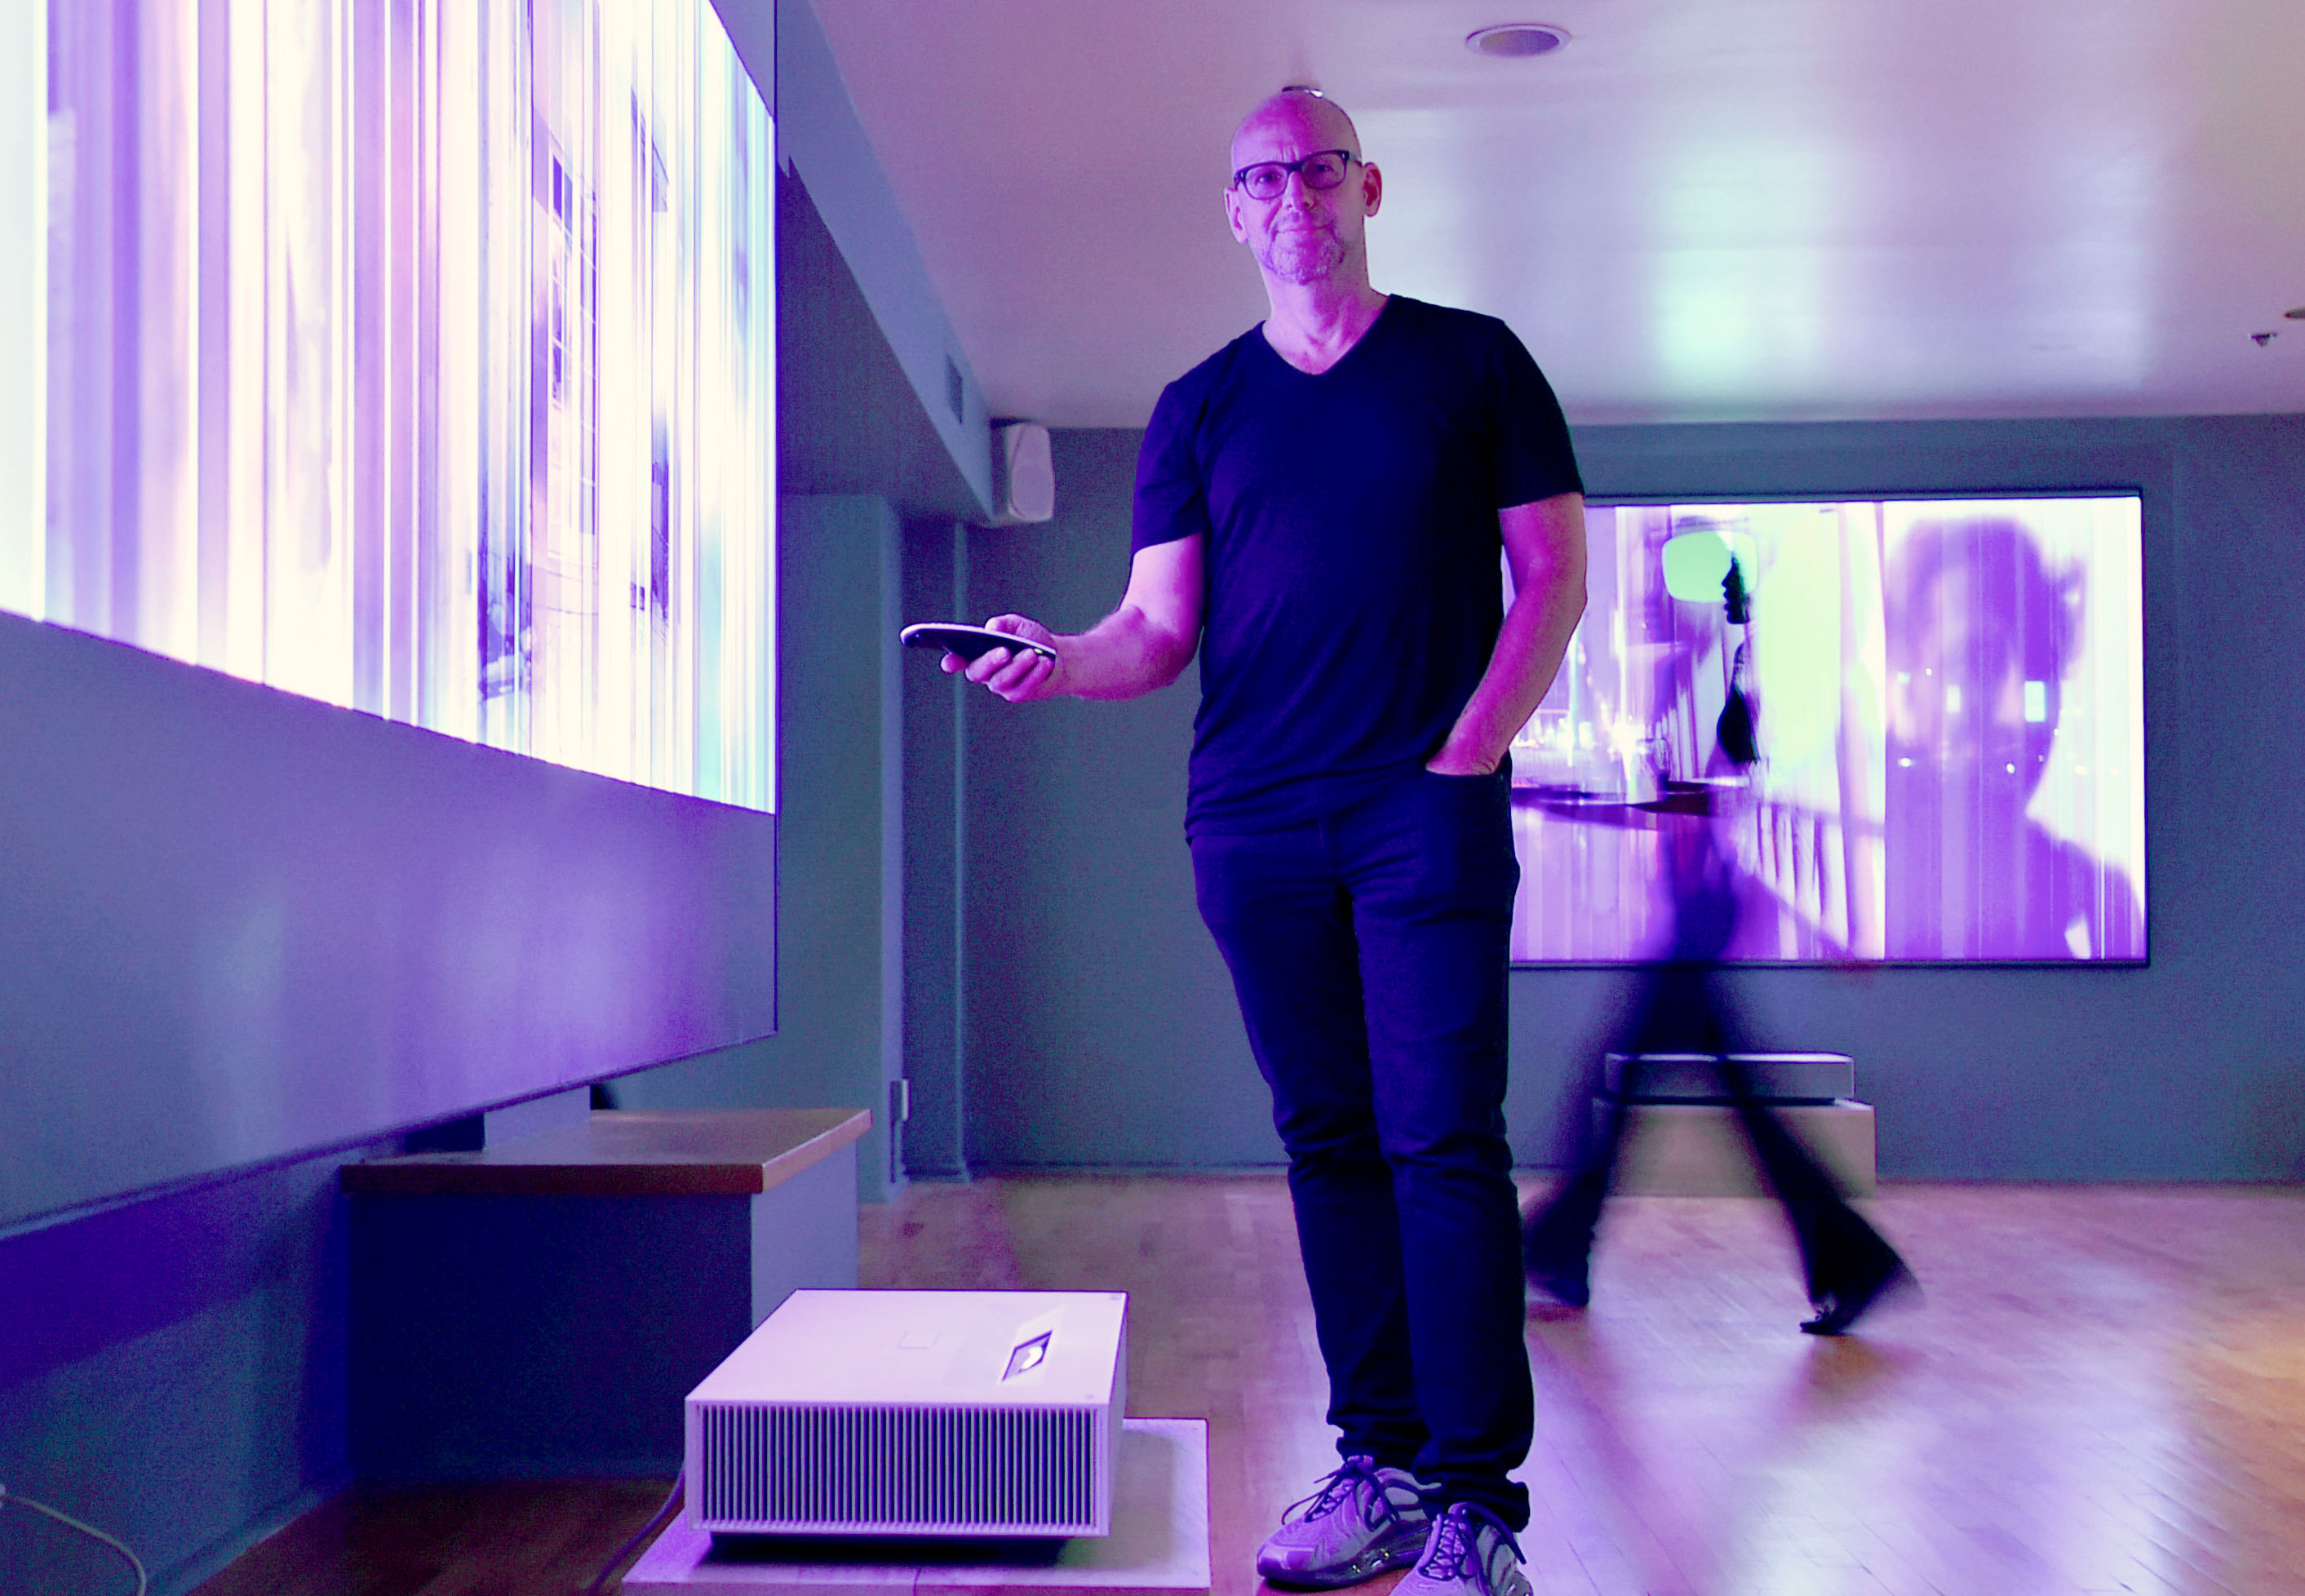 현지시간 24일 미국 산타모니카에서 비디오 아티스트 '데이비드 반 에이슨'이 'LG 시네빔 레이저 4K'의 초대형, 고해상도 화면을 통해 본인의 작품을 소개하고 있다.